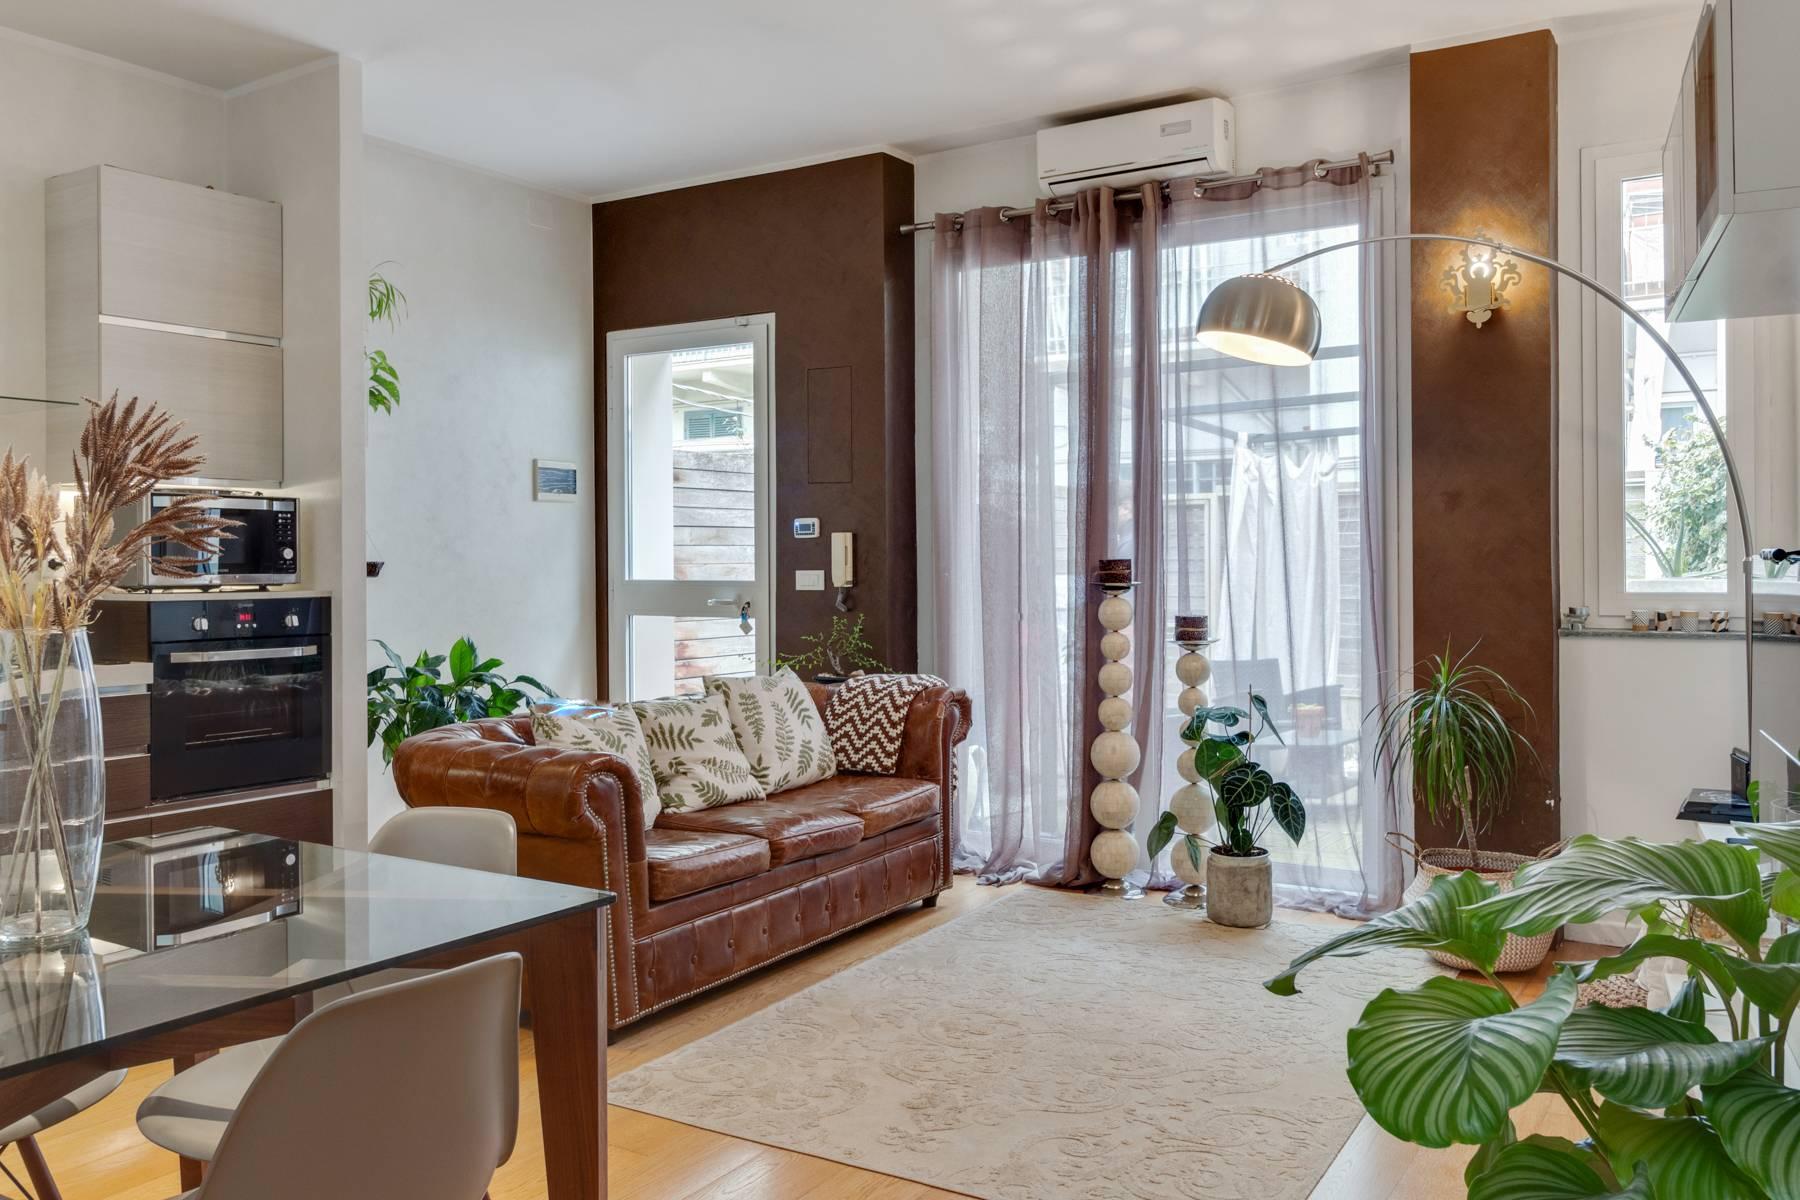 Appartamento in Vendita a Torino: 3 locali, 70 mq - Foto 2